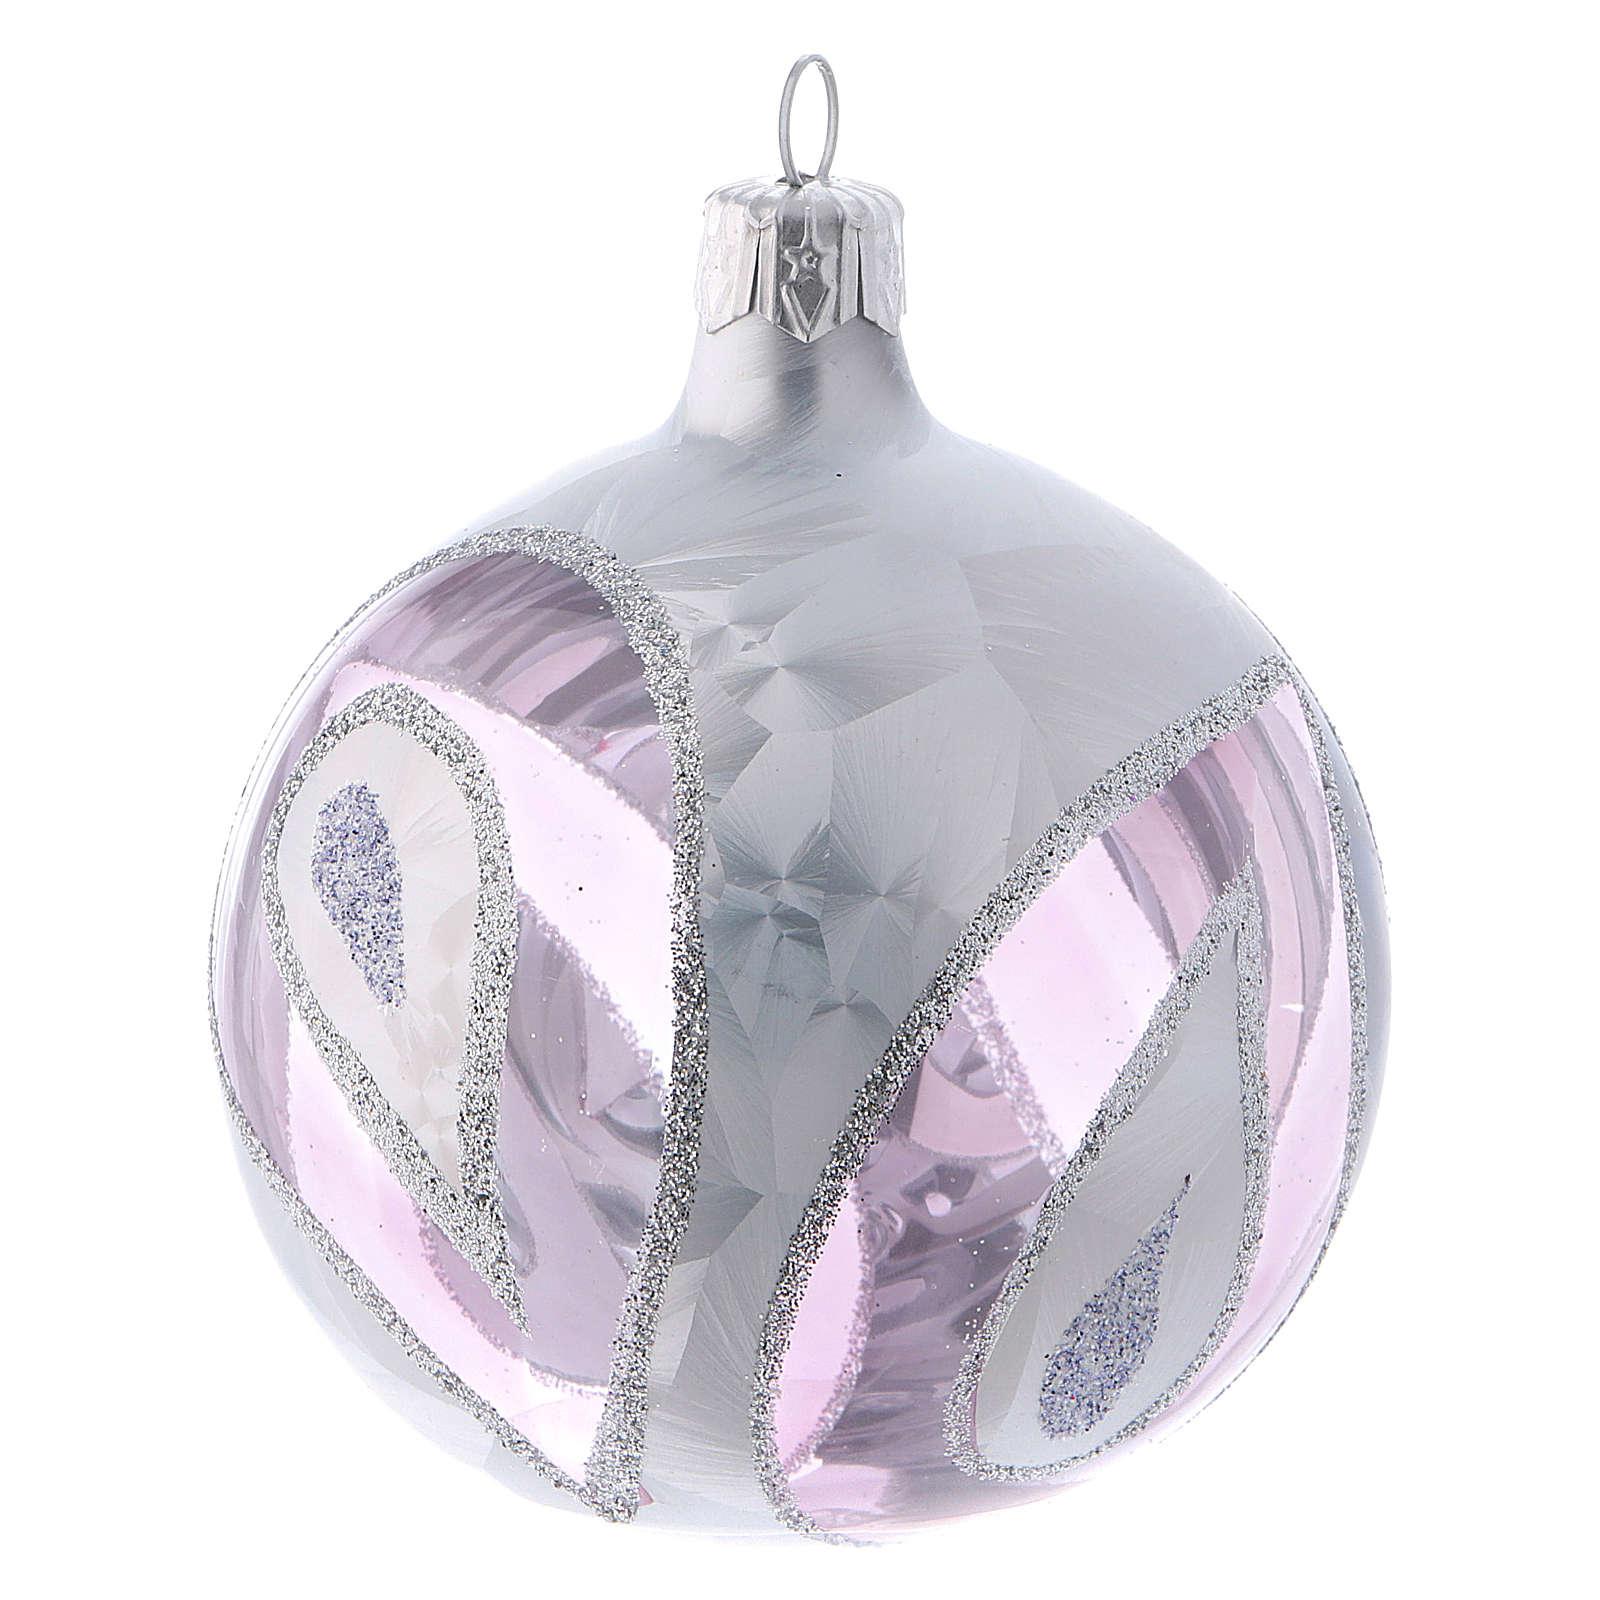 Bolas vidrio transparente con decoración efecto hielo 80 mm 4 piezas 4